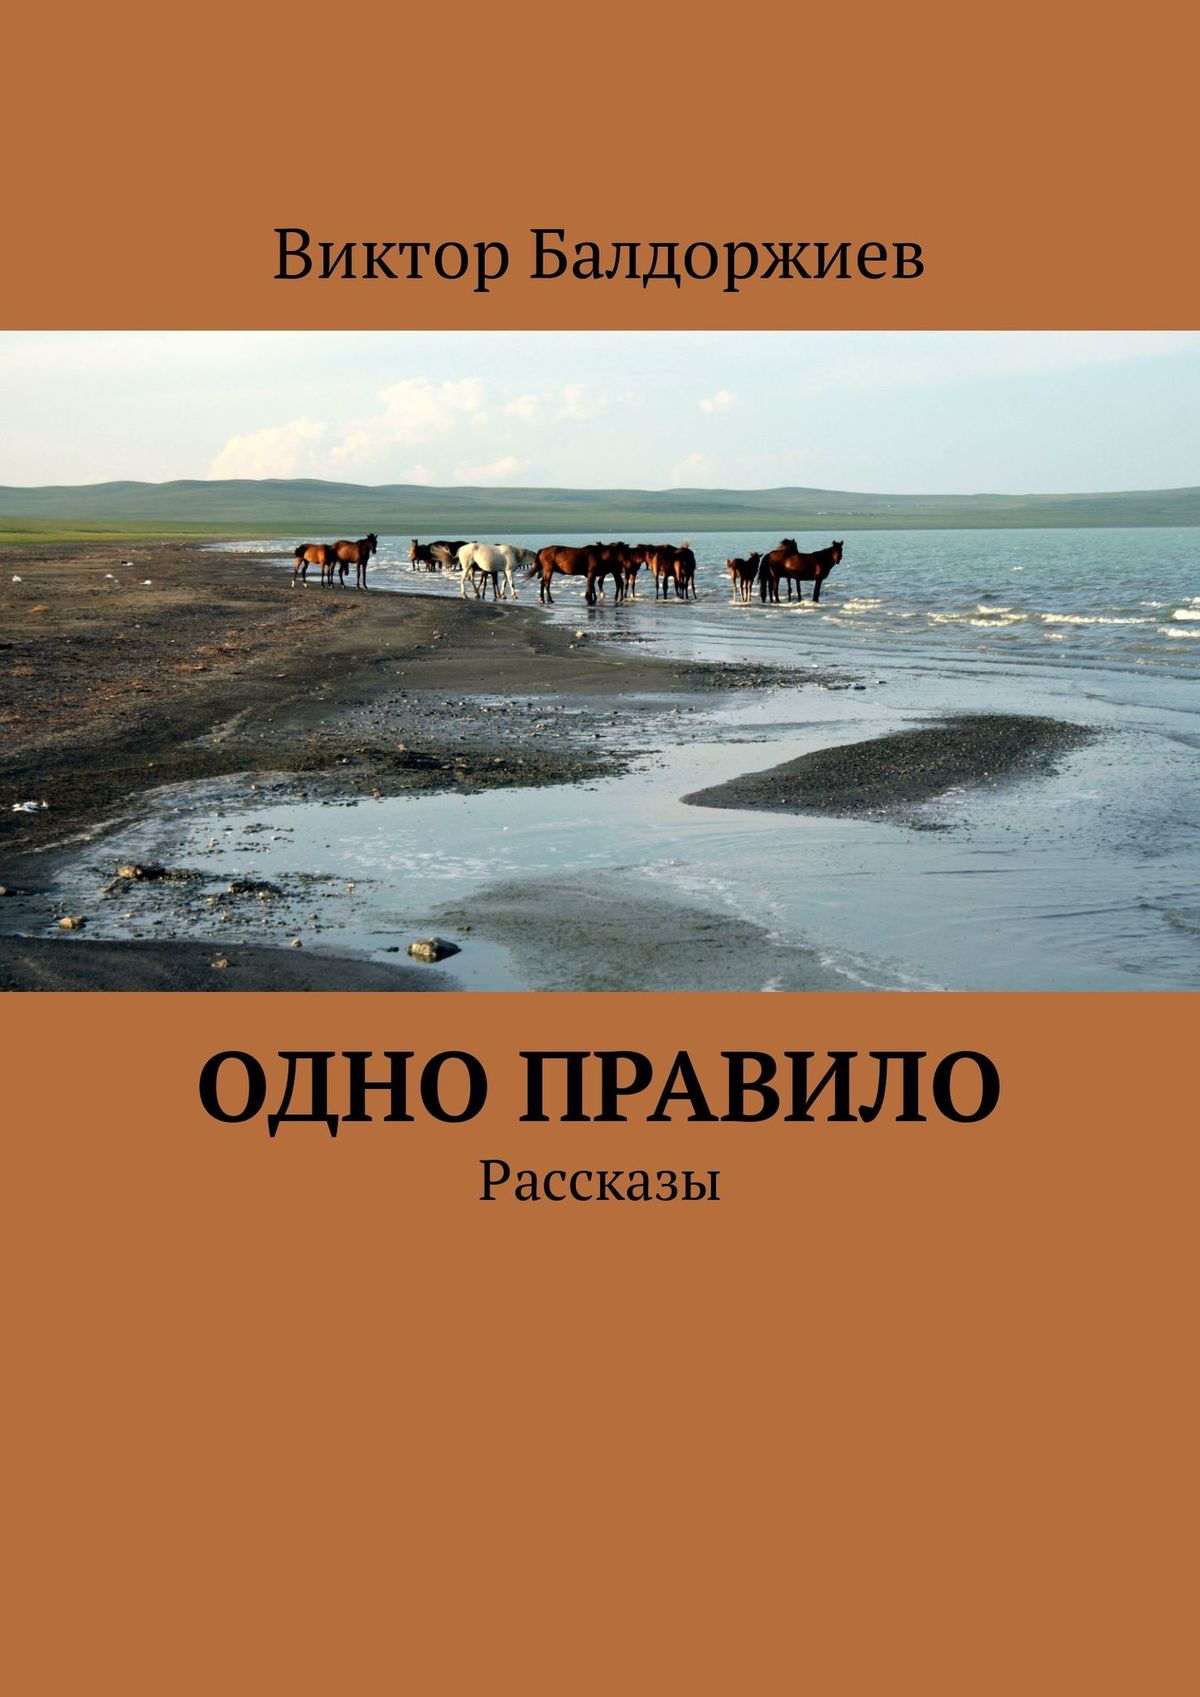 Виктор Балдоржиев Одно правило. Рассказы виктор балдоржиев земля взаймы